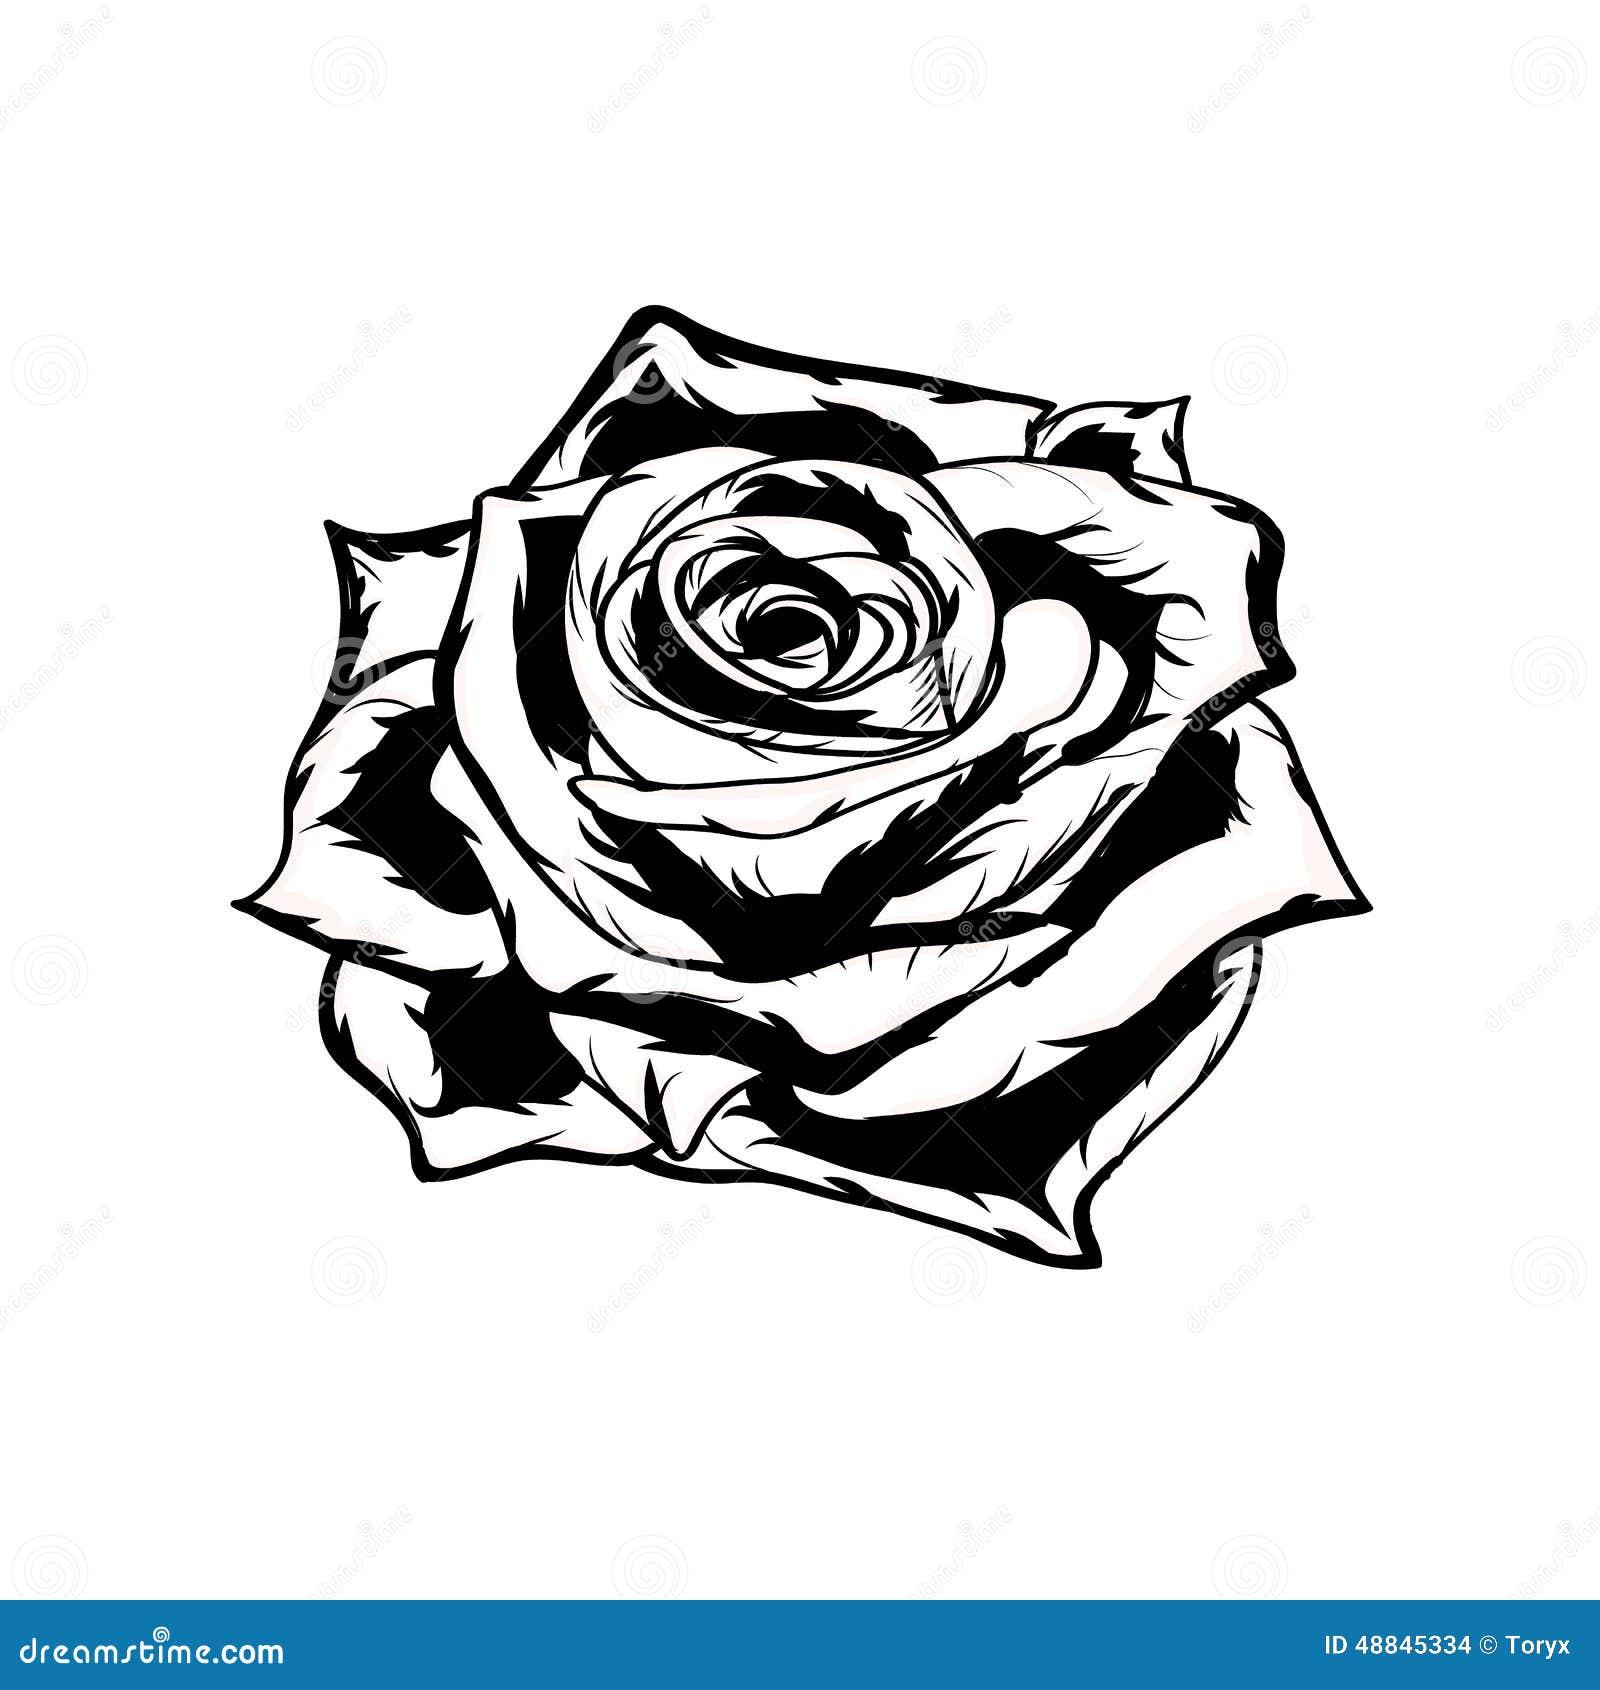 schwarzweiss rose hand gezeichnet vektor abbildung bild 48845334. Black Bedroom Furniture Sets. Home Design Ideas